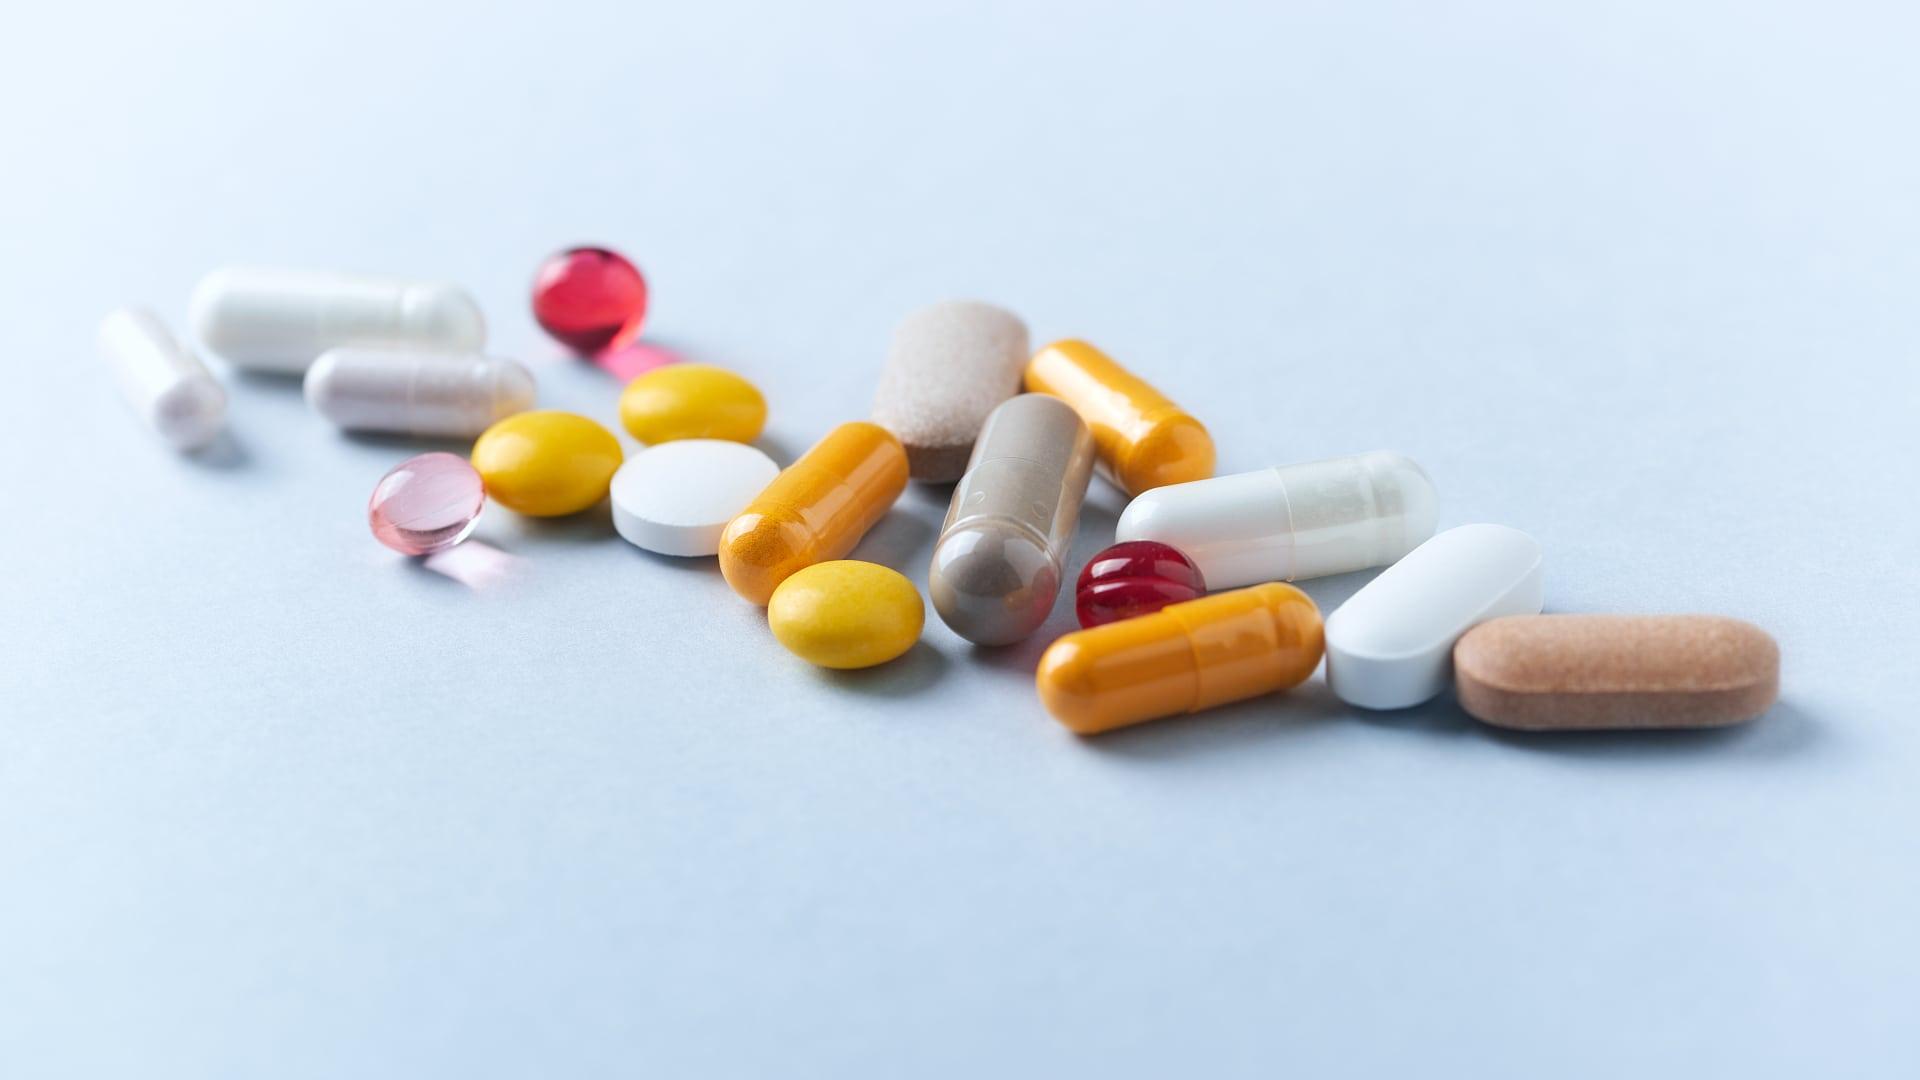 правила хранения лекарственных препаратов